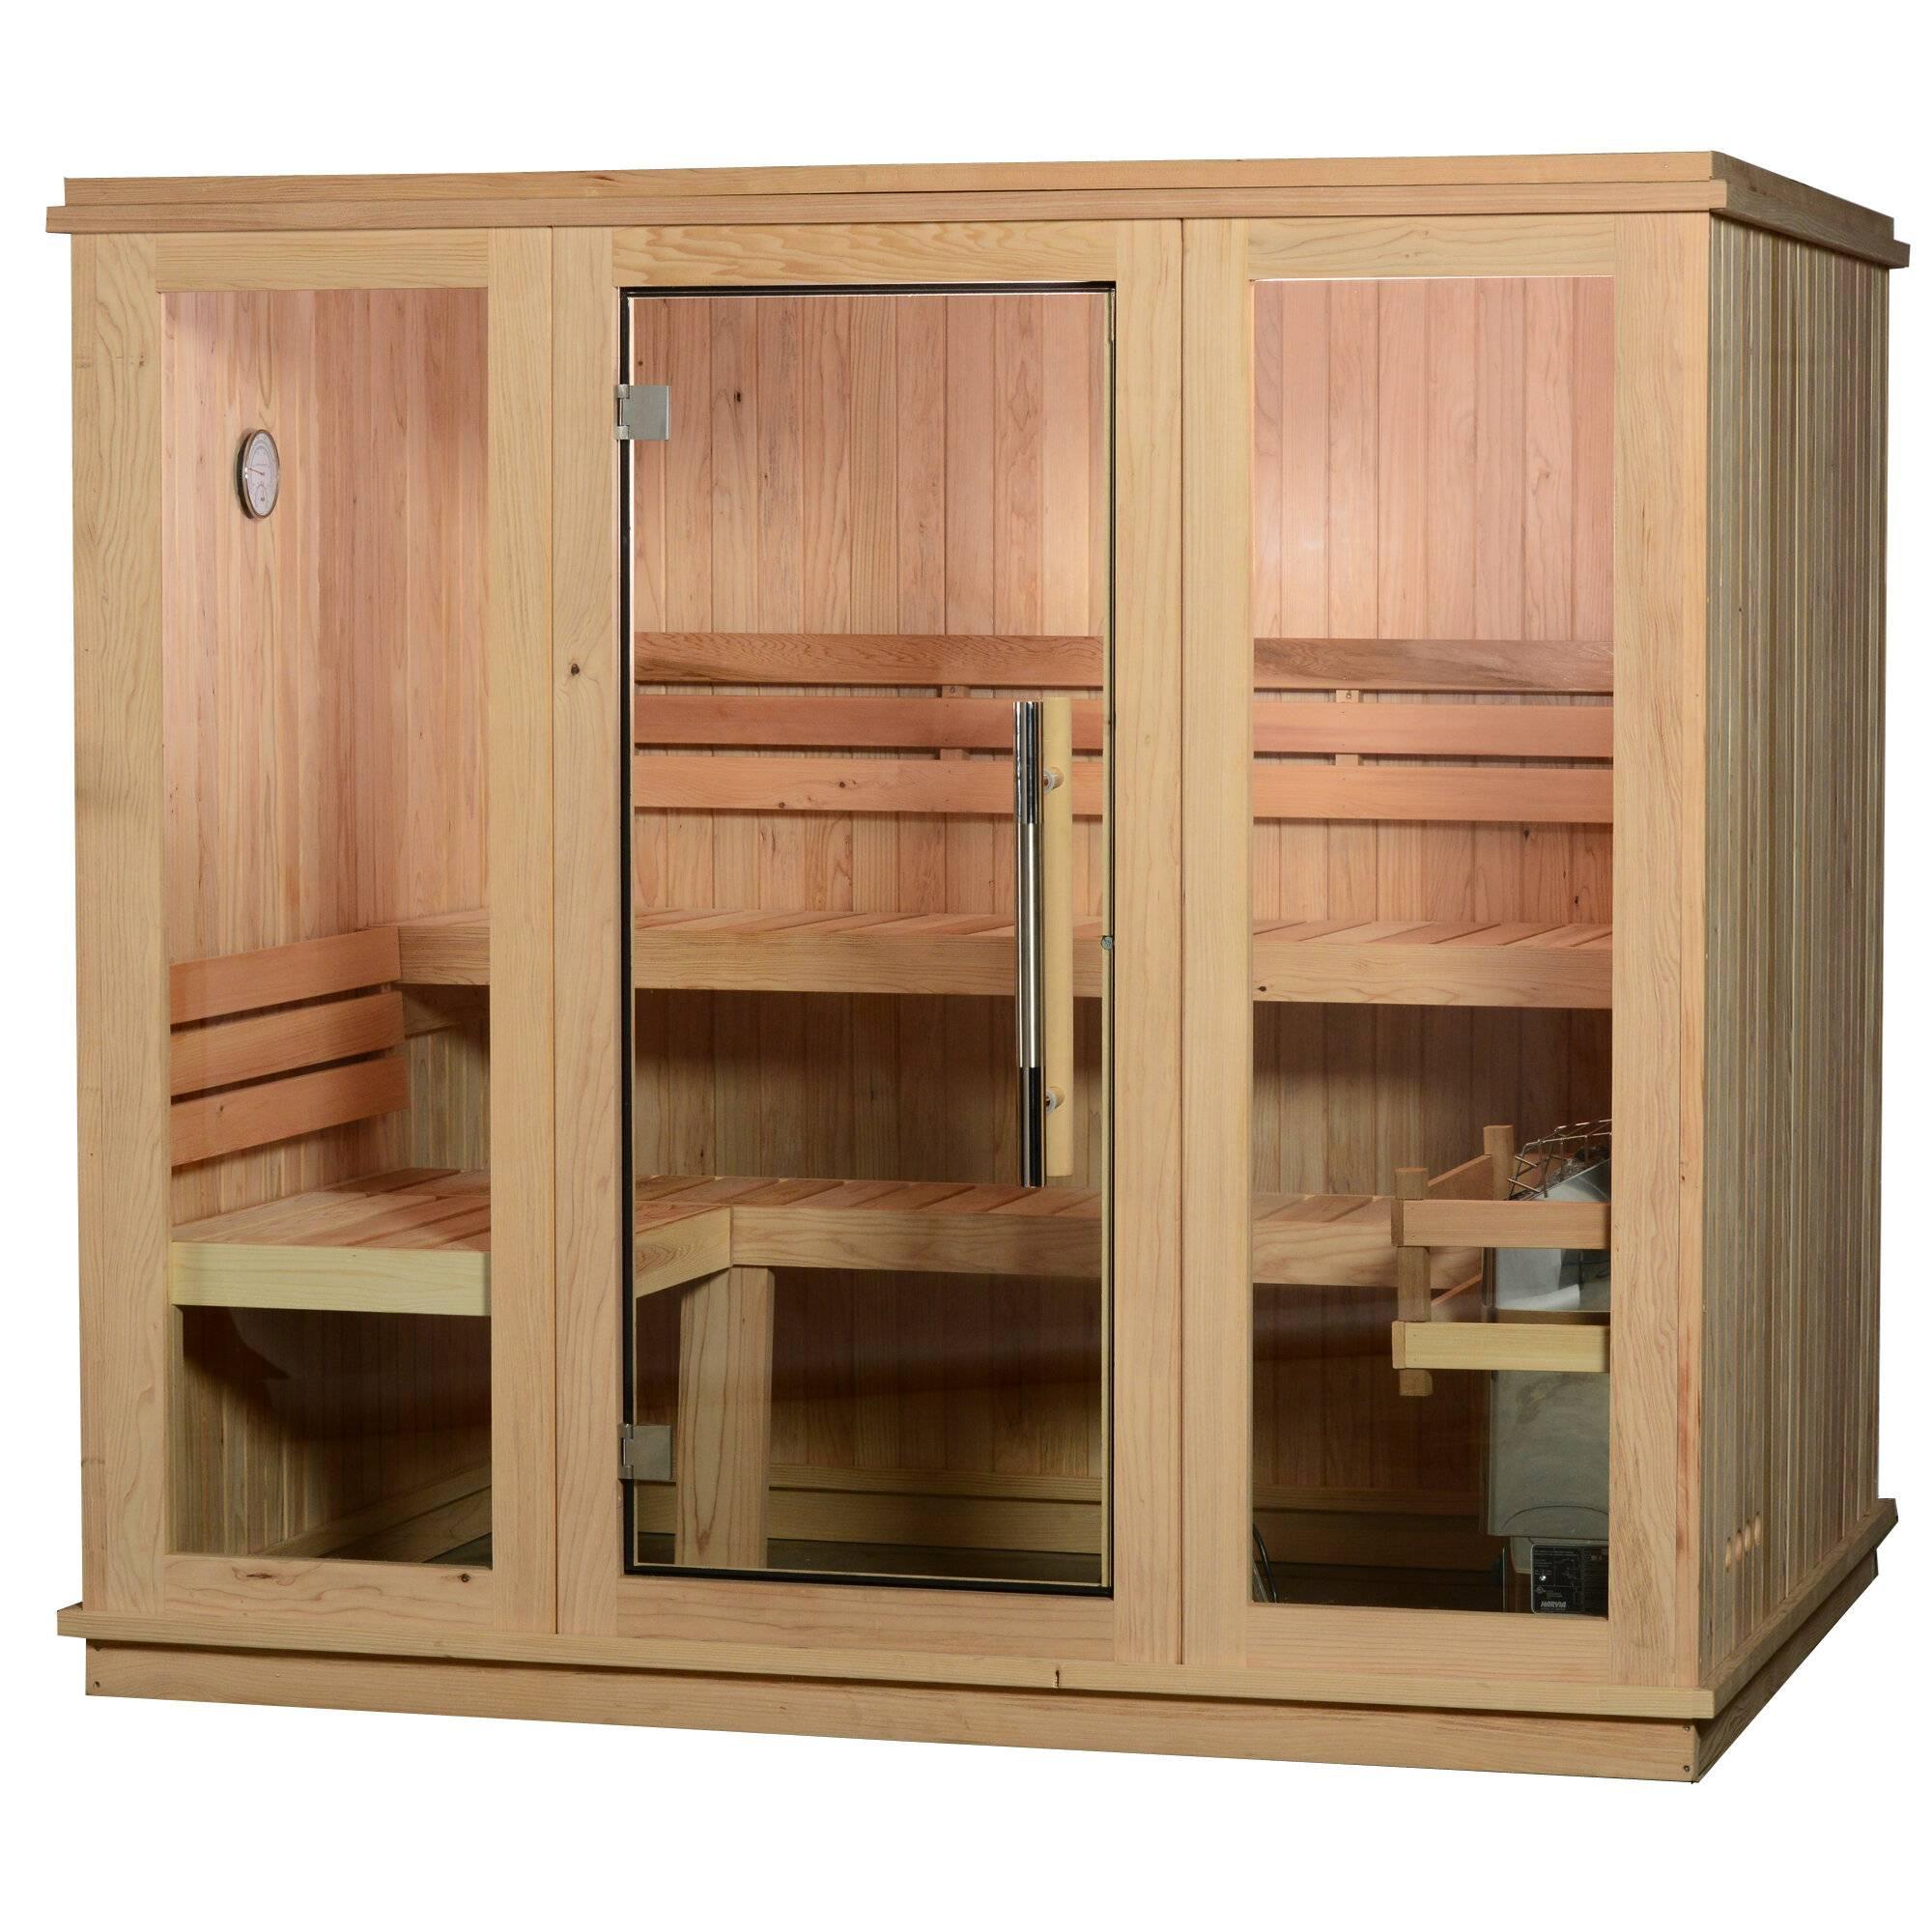 bridgeport 6 person traditional steam sauna